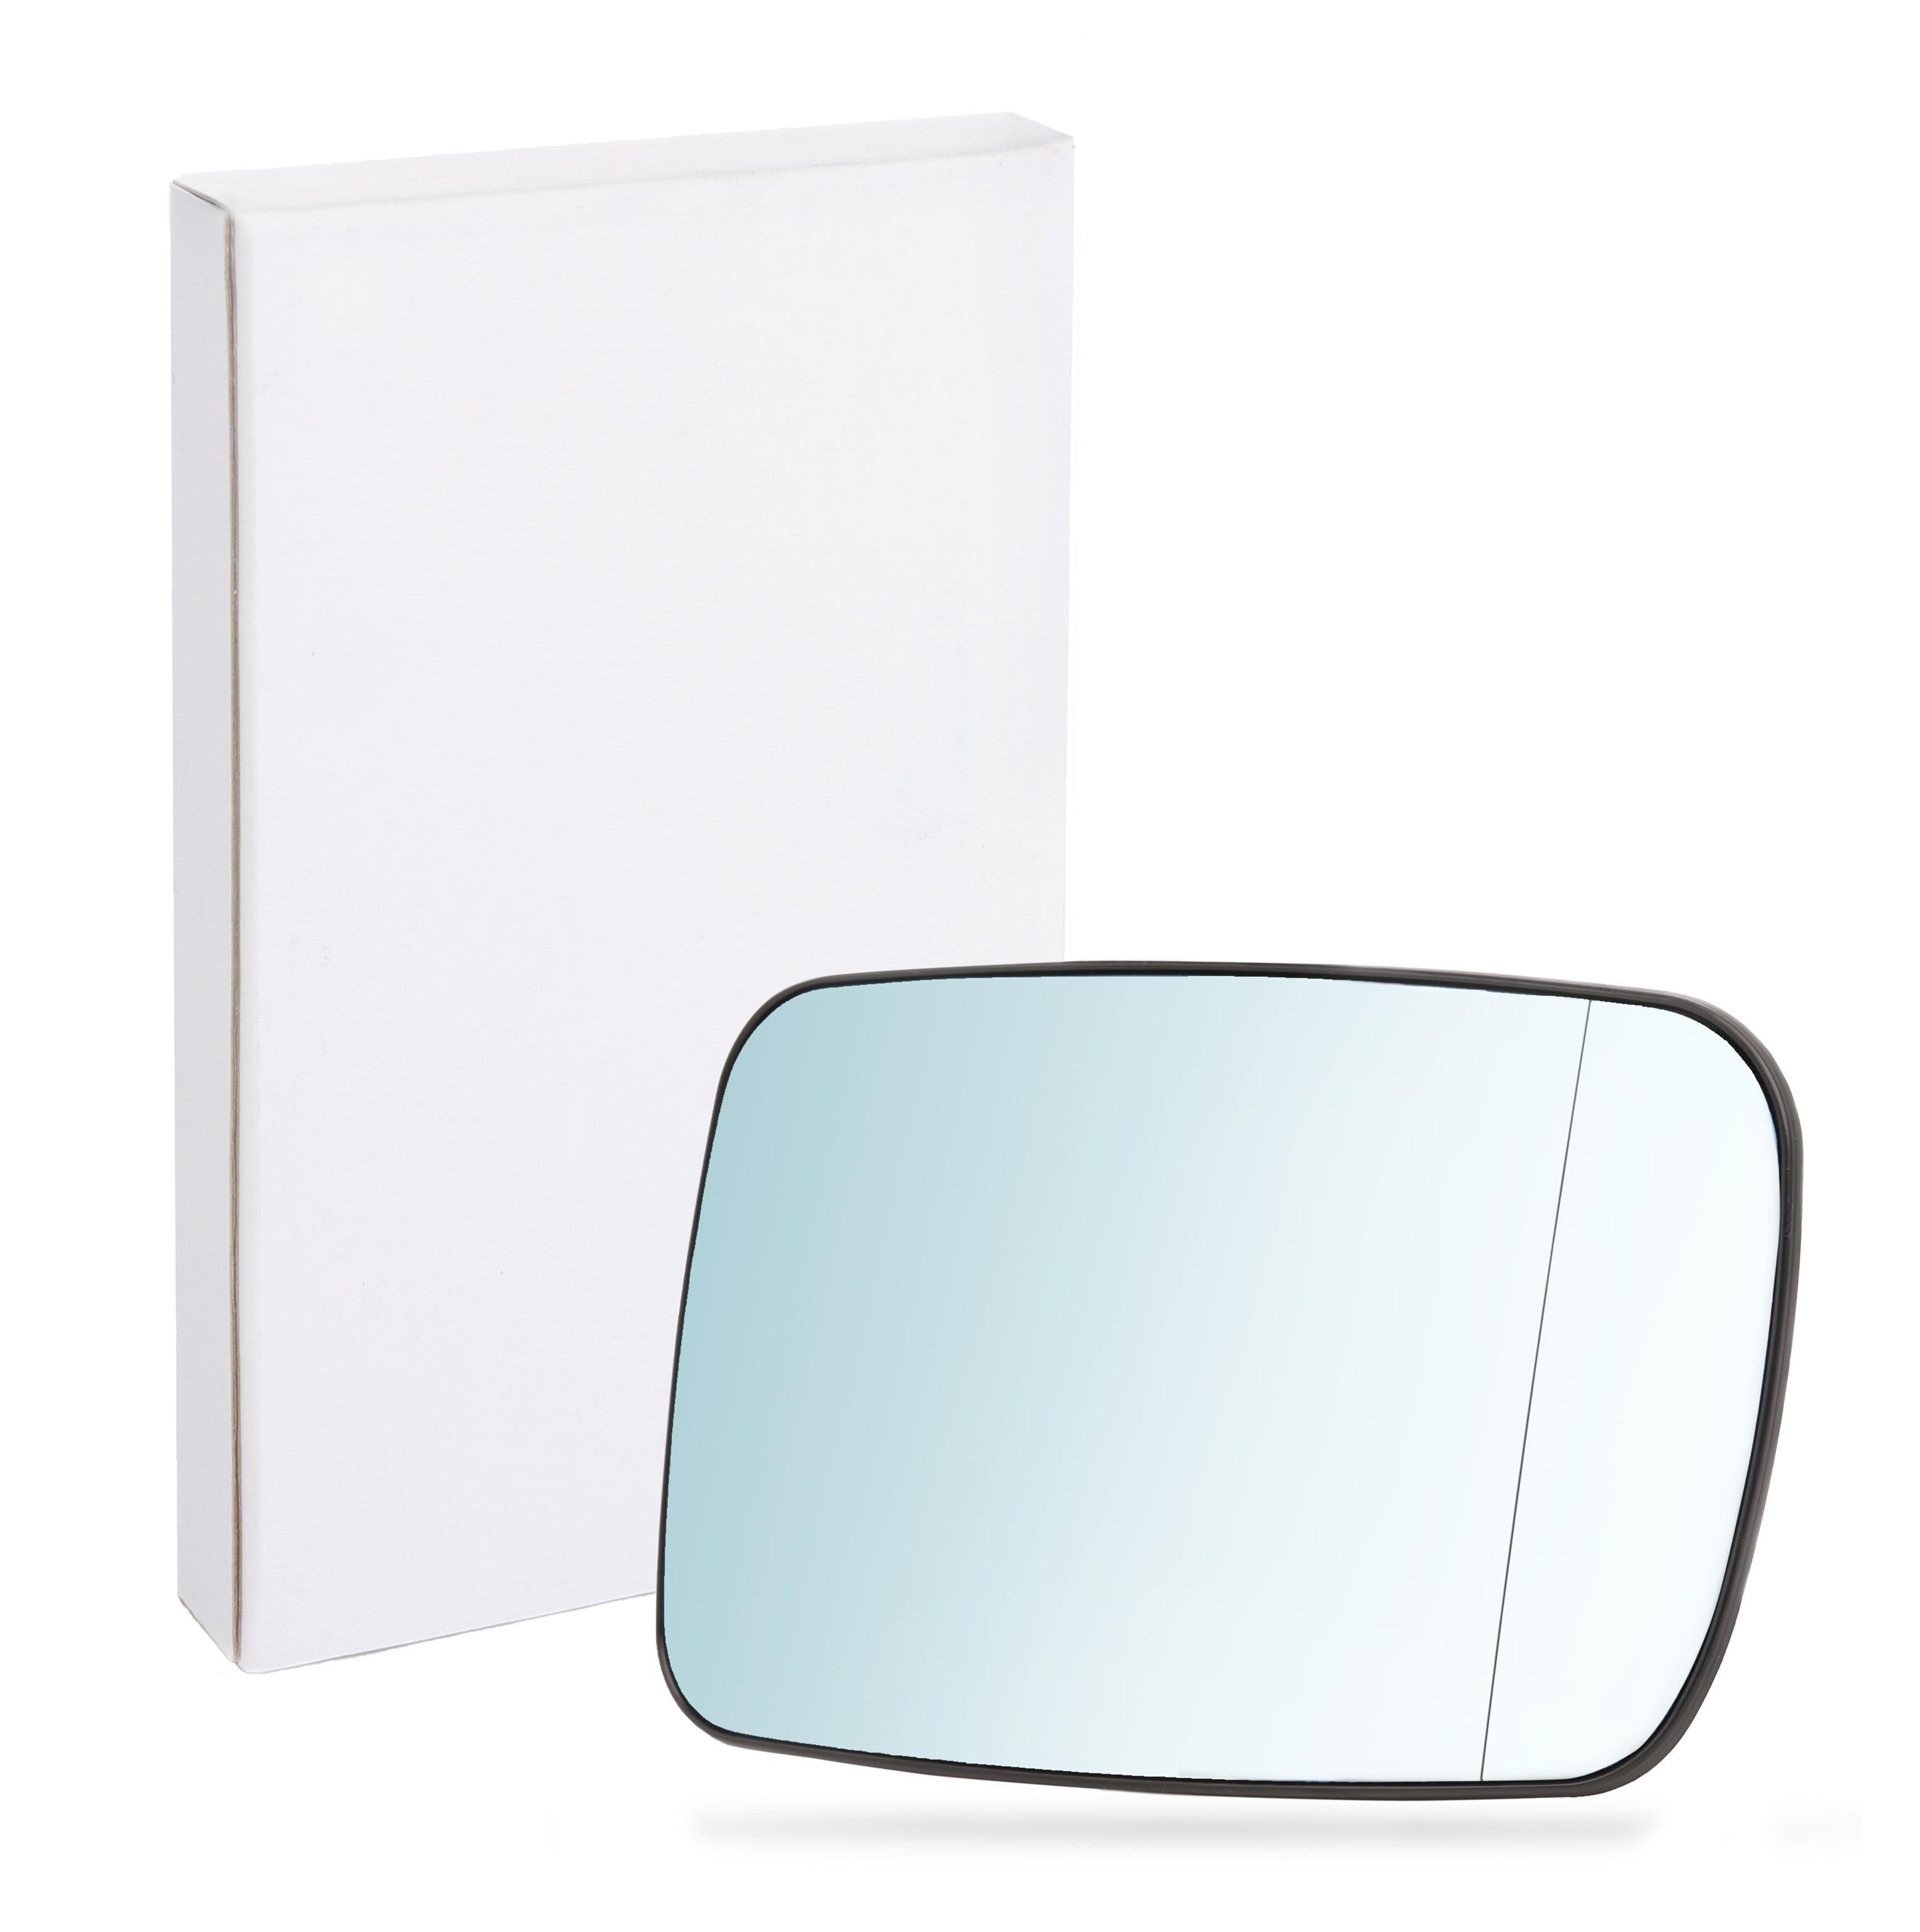 20 08 38-84 JOHNS Spiegelglas, Außenspiegel Bewertung